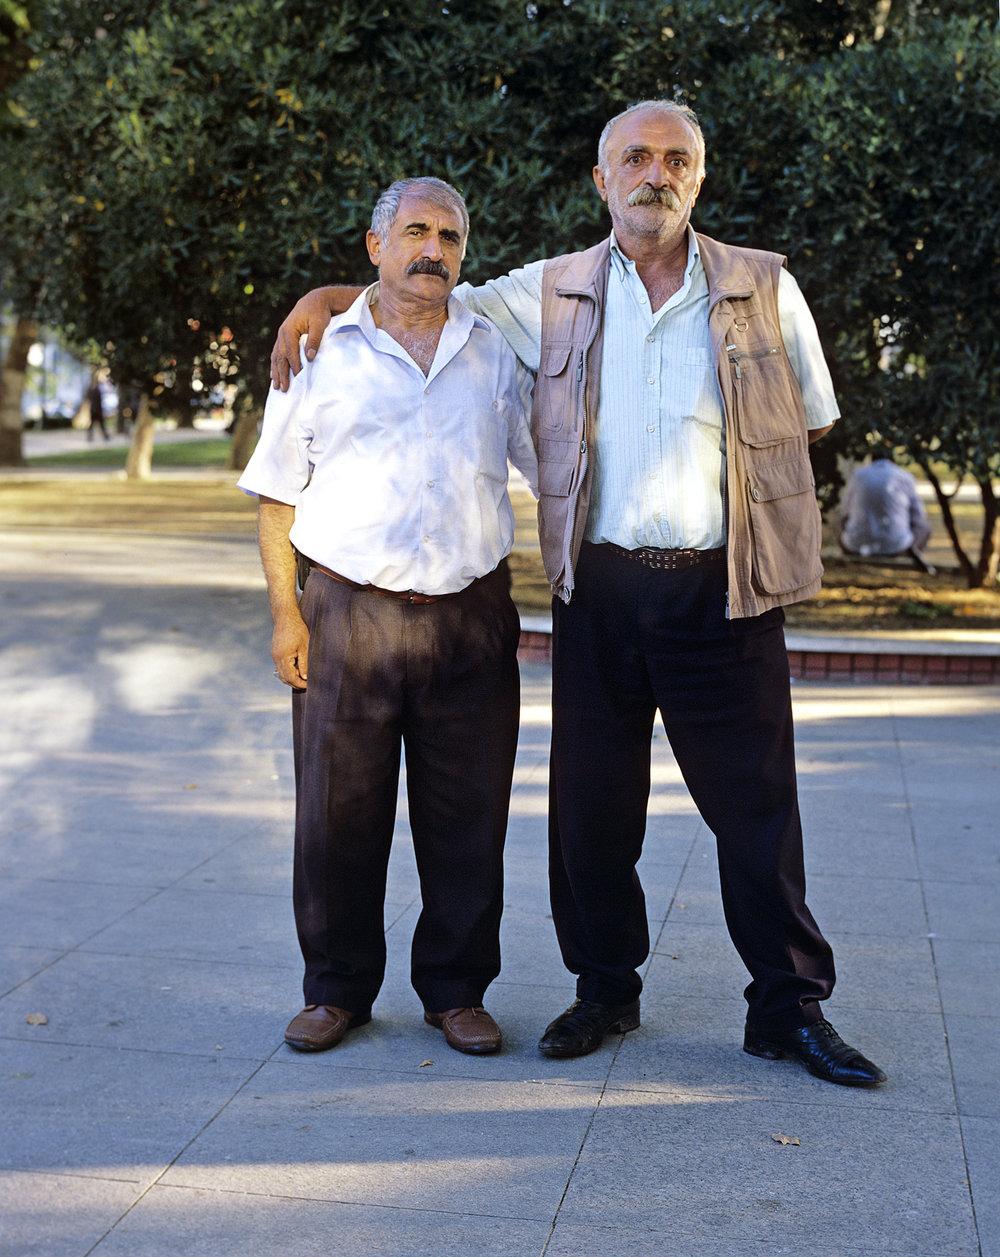 GeziPark _Istanbul_04GeziPark Gentle Resistance008Web_D8_03_Gezi Park _7_copyright Claudia Leisinger_copyright Claudia Leisinger.jpg